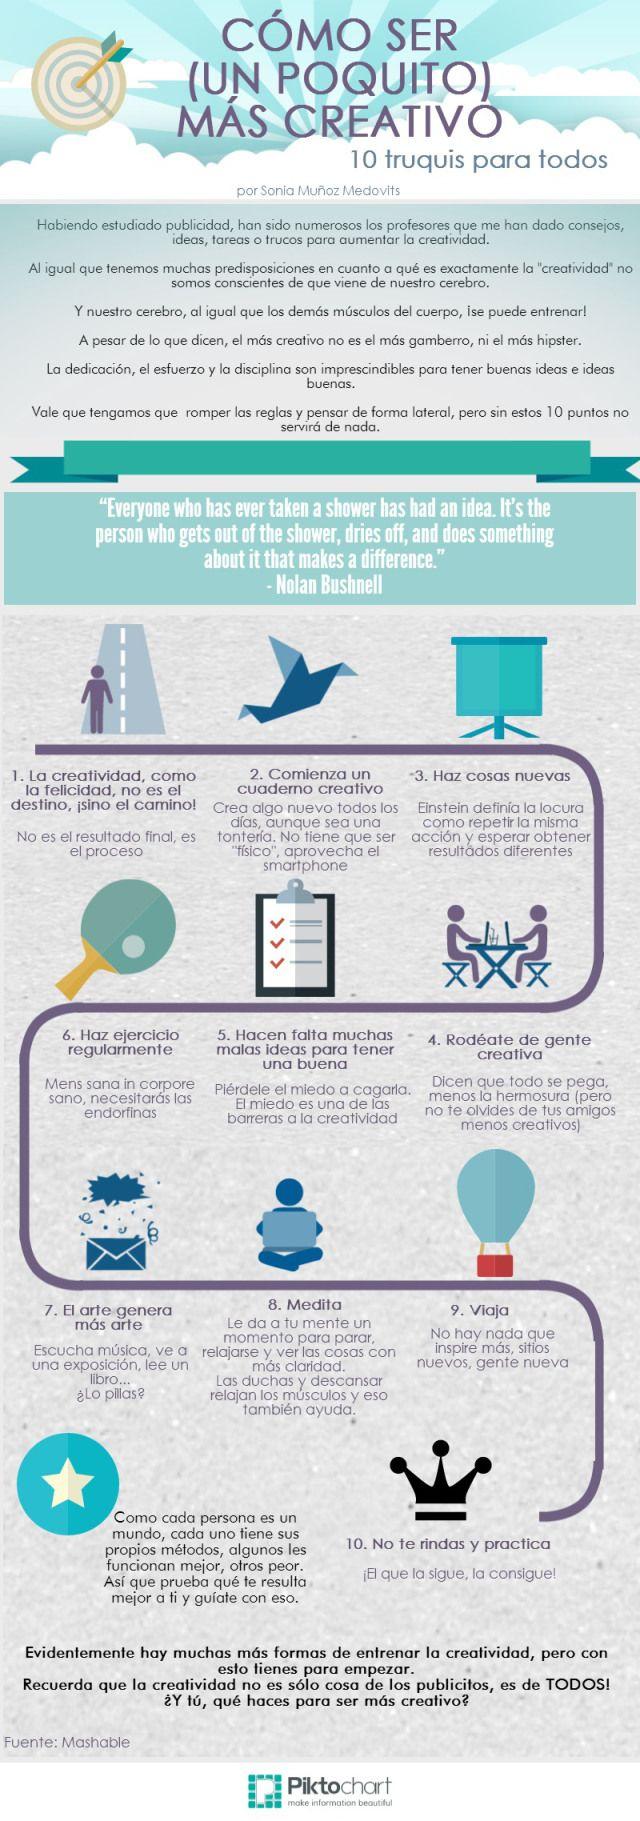 #Infografia ¿Cómo ser un poco más creativo?  #Creatividad